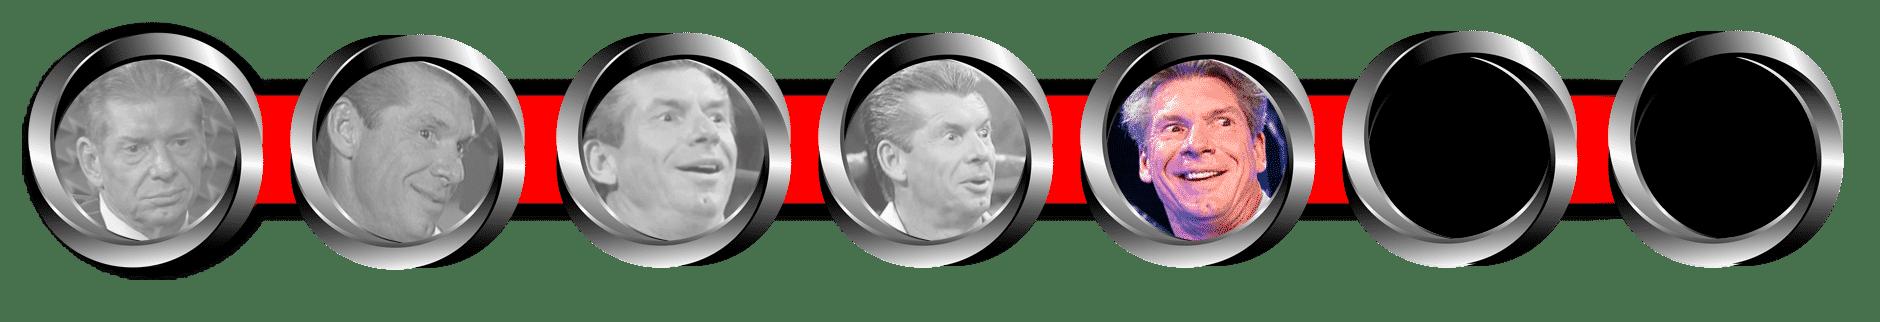 Vince'ometro: los ex WWE que firmaron con AEW 8